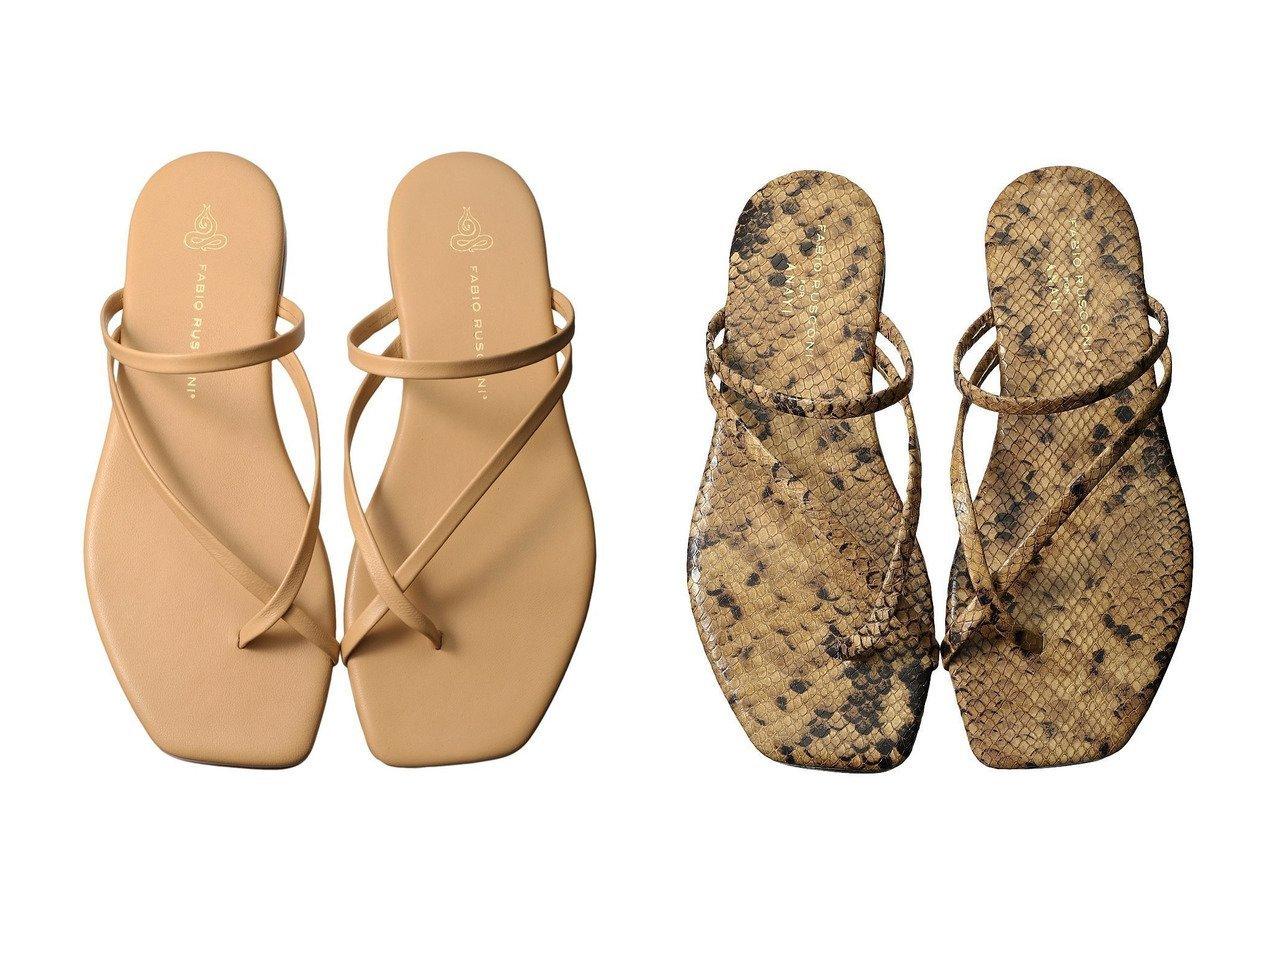 【FABIO RUSCONI/ファビオ ルスコーニ】のトングストラップサンダル 【シューズ・靴】おすすめ!人気、トレンド・レディースファッションの通販 おすすめファッション通販アイテム インテリア・キッズ・メンズ・レディースファッション・服の通販 founy(ファニー)  ファッション Fashion レディースファッション WOMEN S/S・春夏 SS・Spring/Summer サンダル リゾート 再入荷 Restock/Back in Stock/Re Arrival 春 Spring ベージュ系 Beige ブラウン系 Brown |ID:crp329100000037630